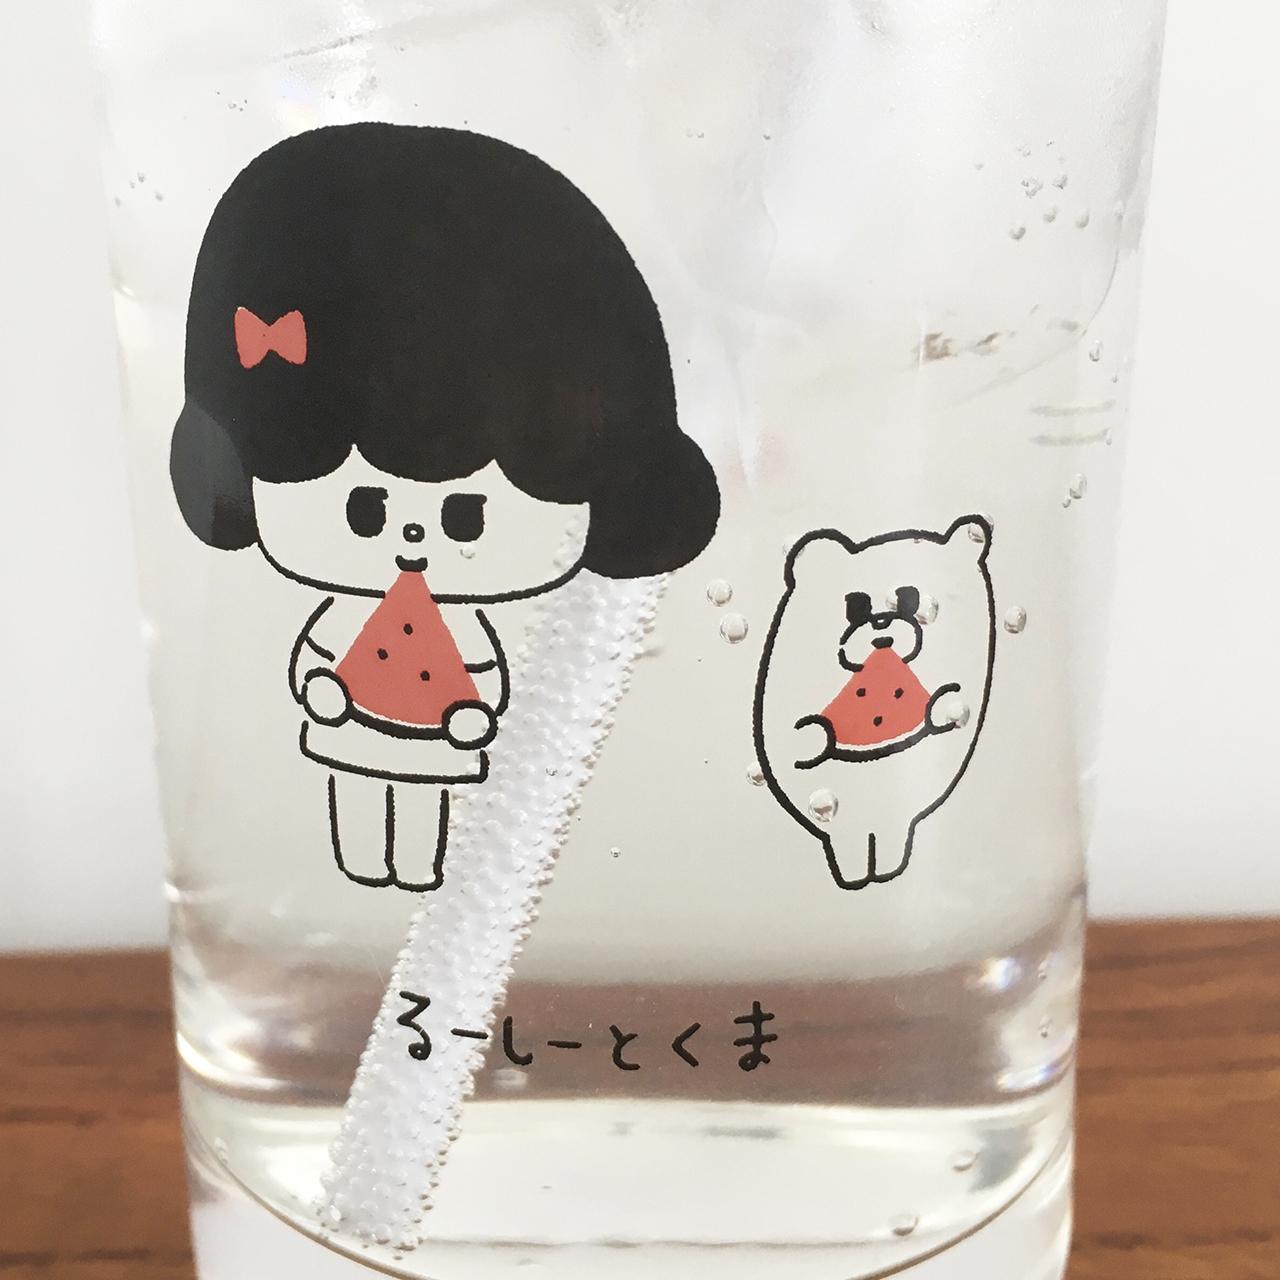 グラス「るーしーとくま」